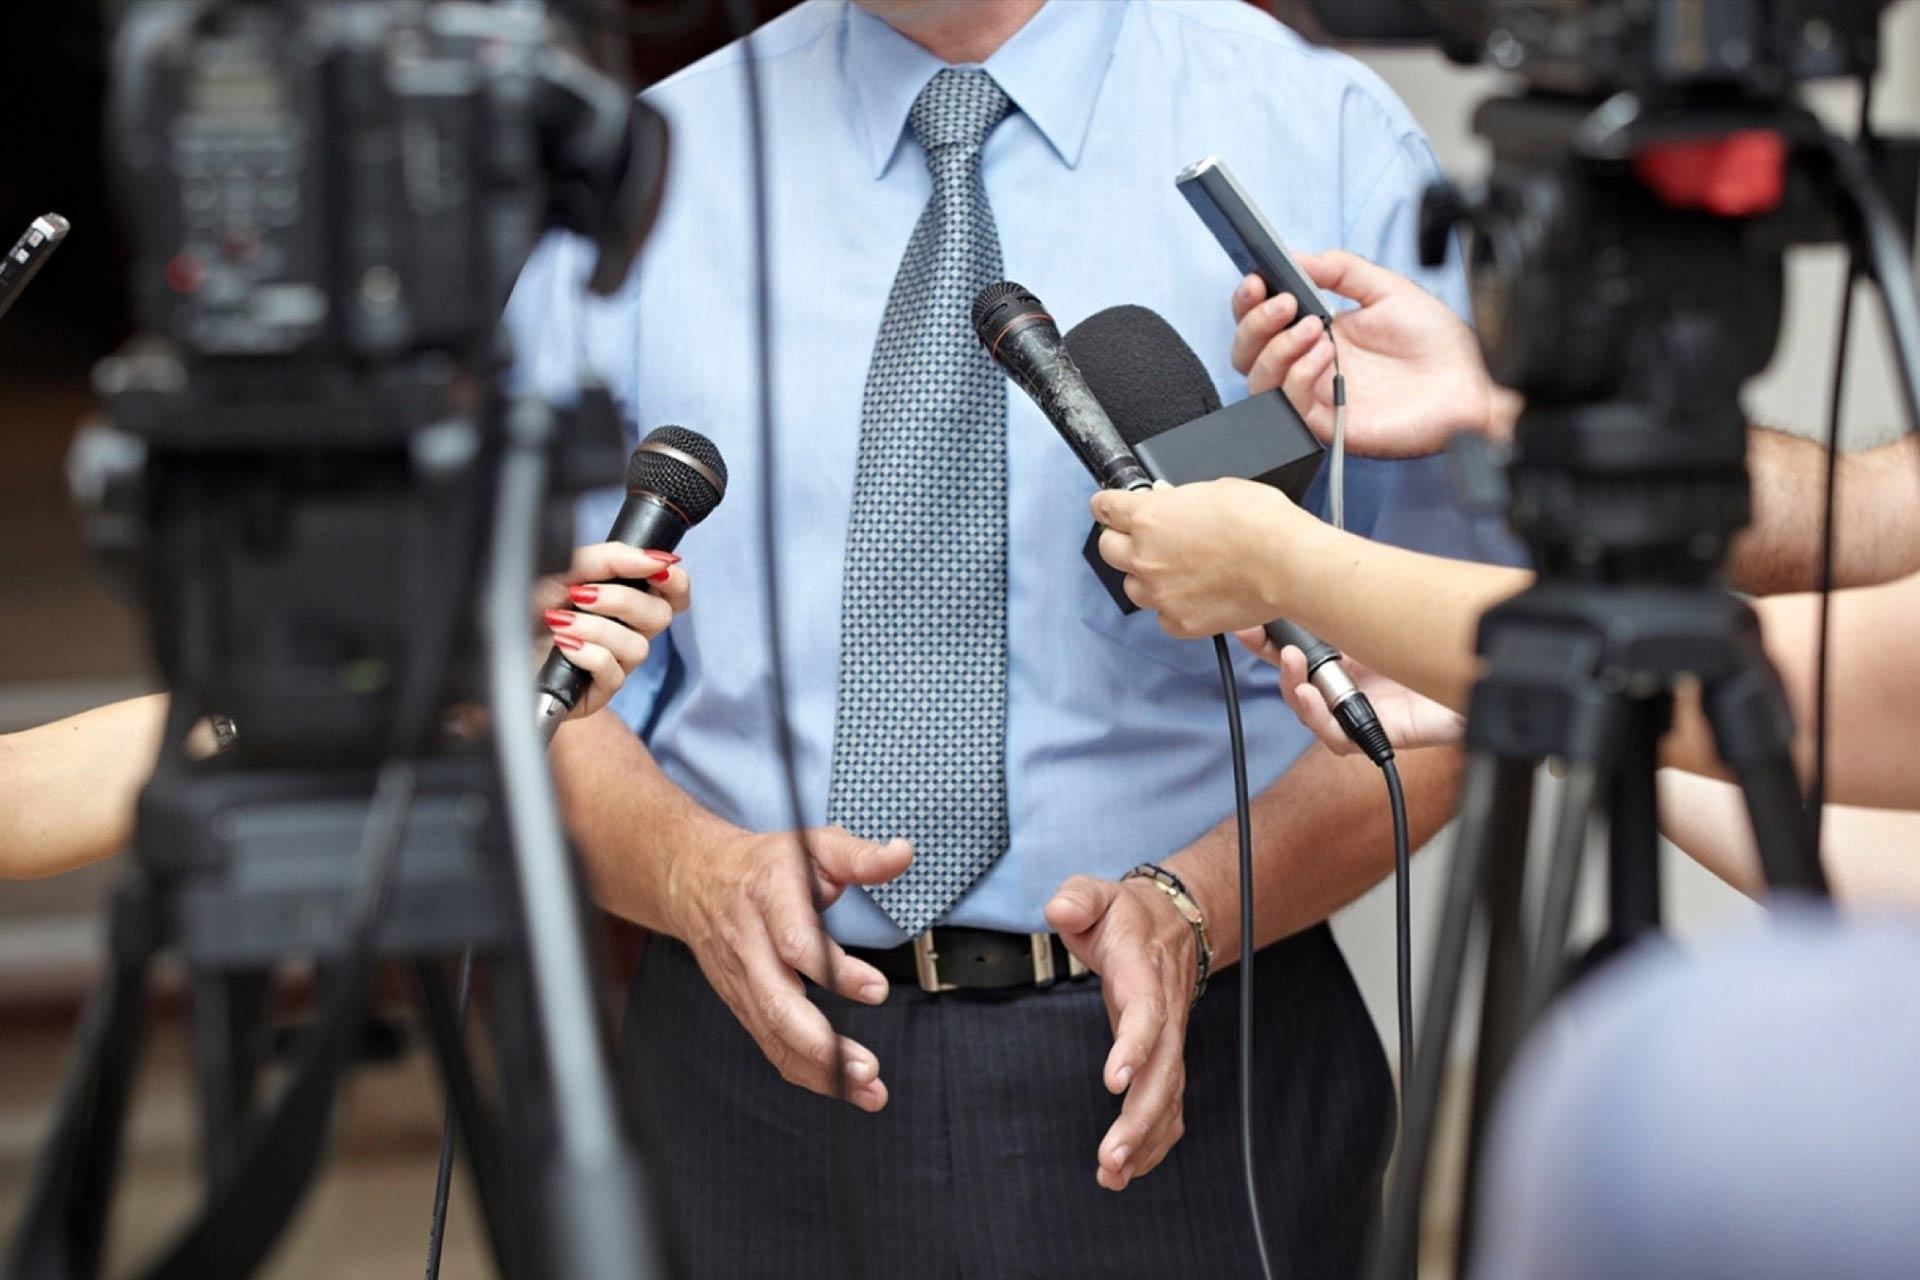 Вебинар: Работа со СМИ. 5 шагов к бесплатным публикациям в известных СМИ